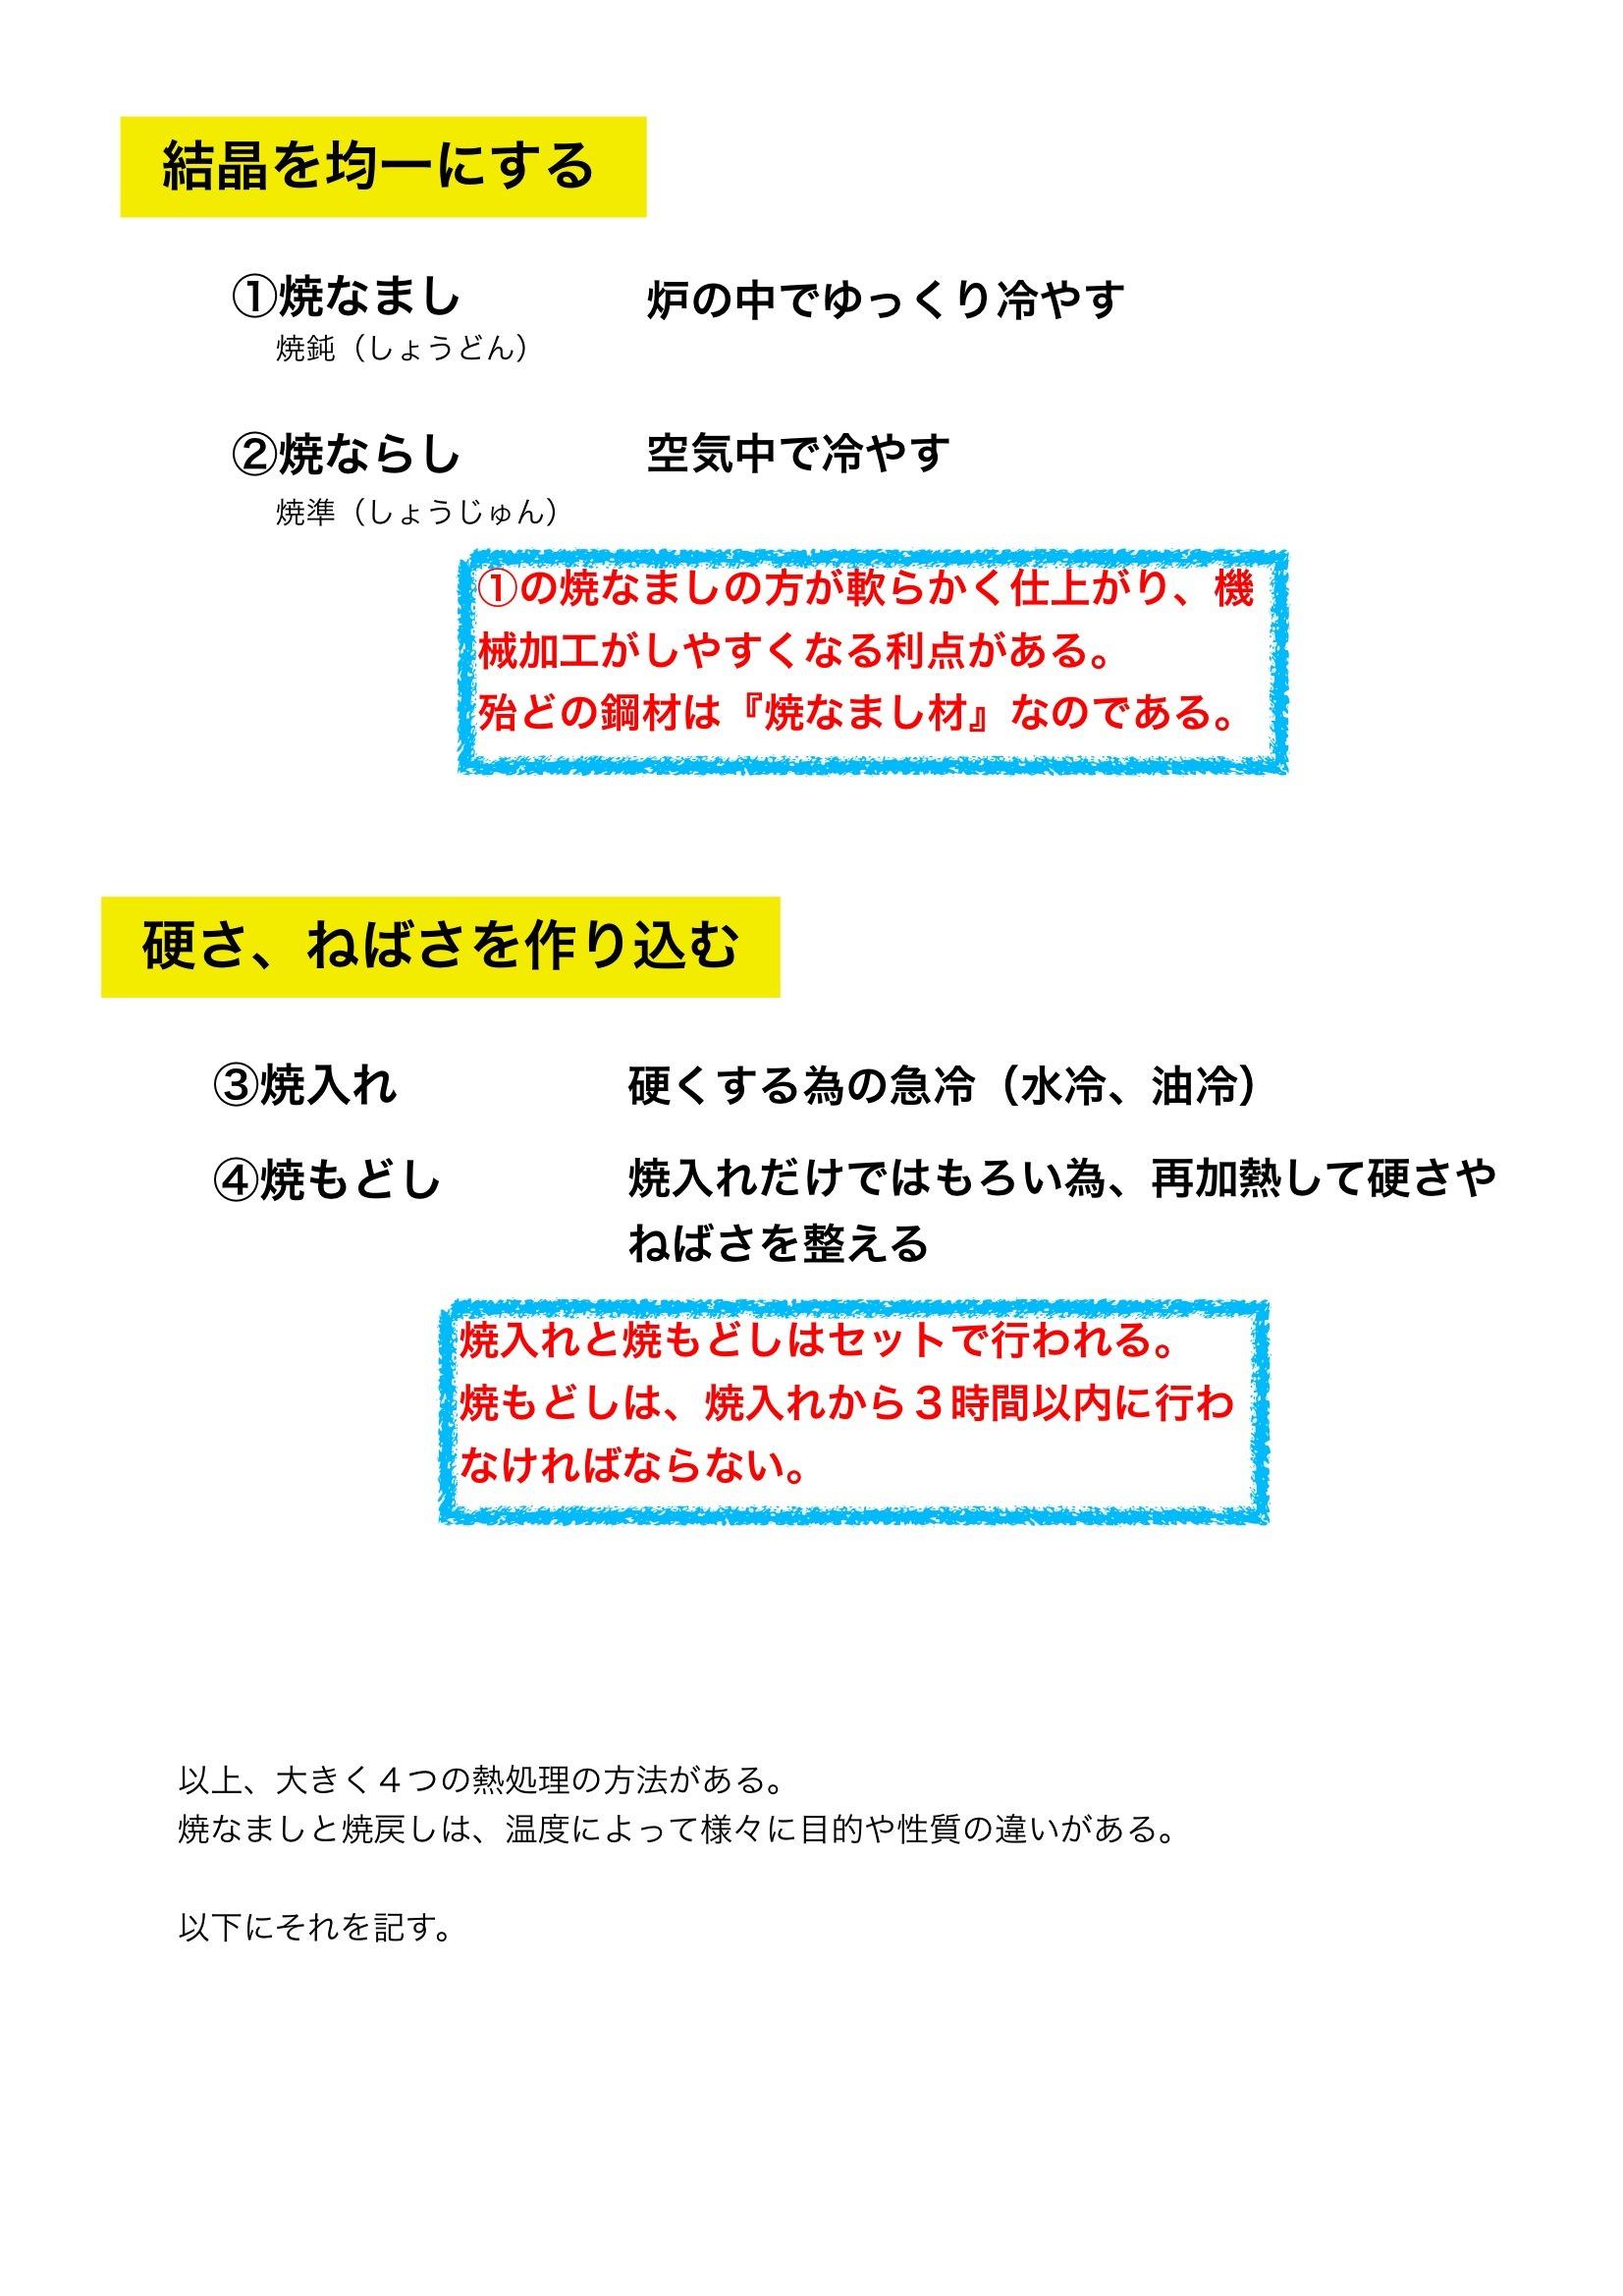 【鉄】熱処理の概要_e0159646_552079.jpg